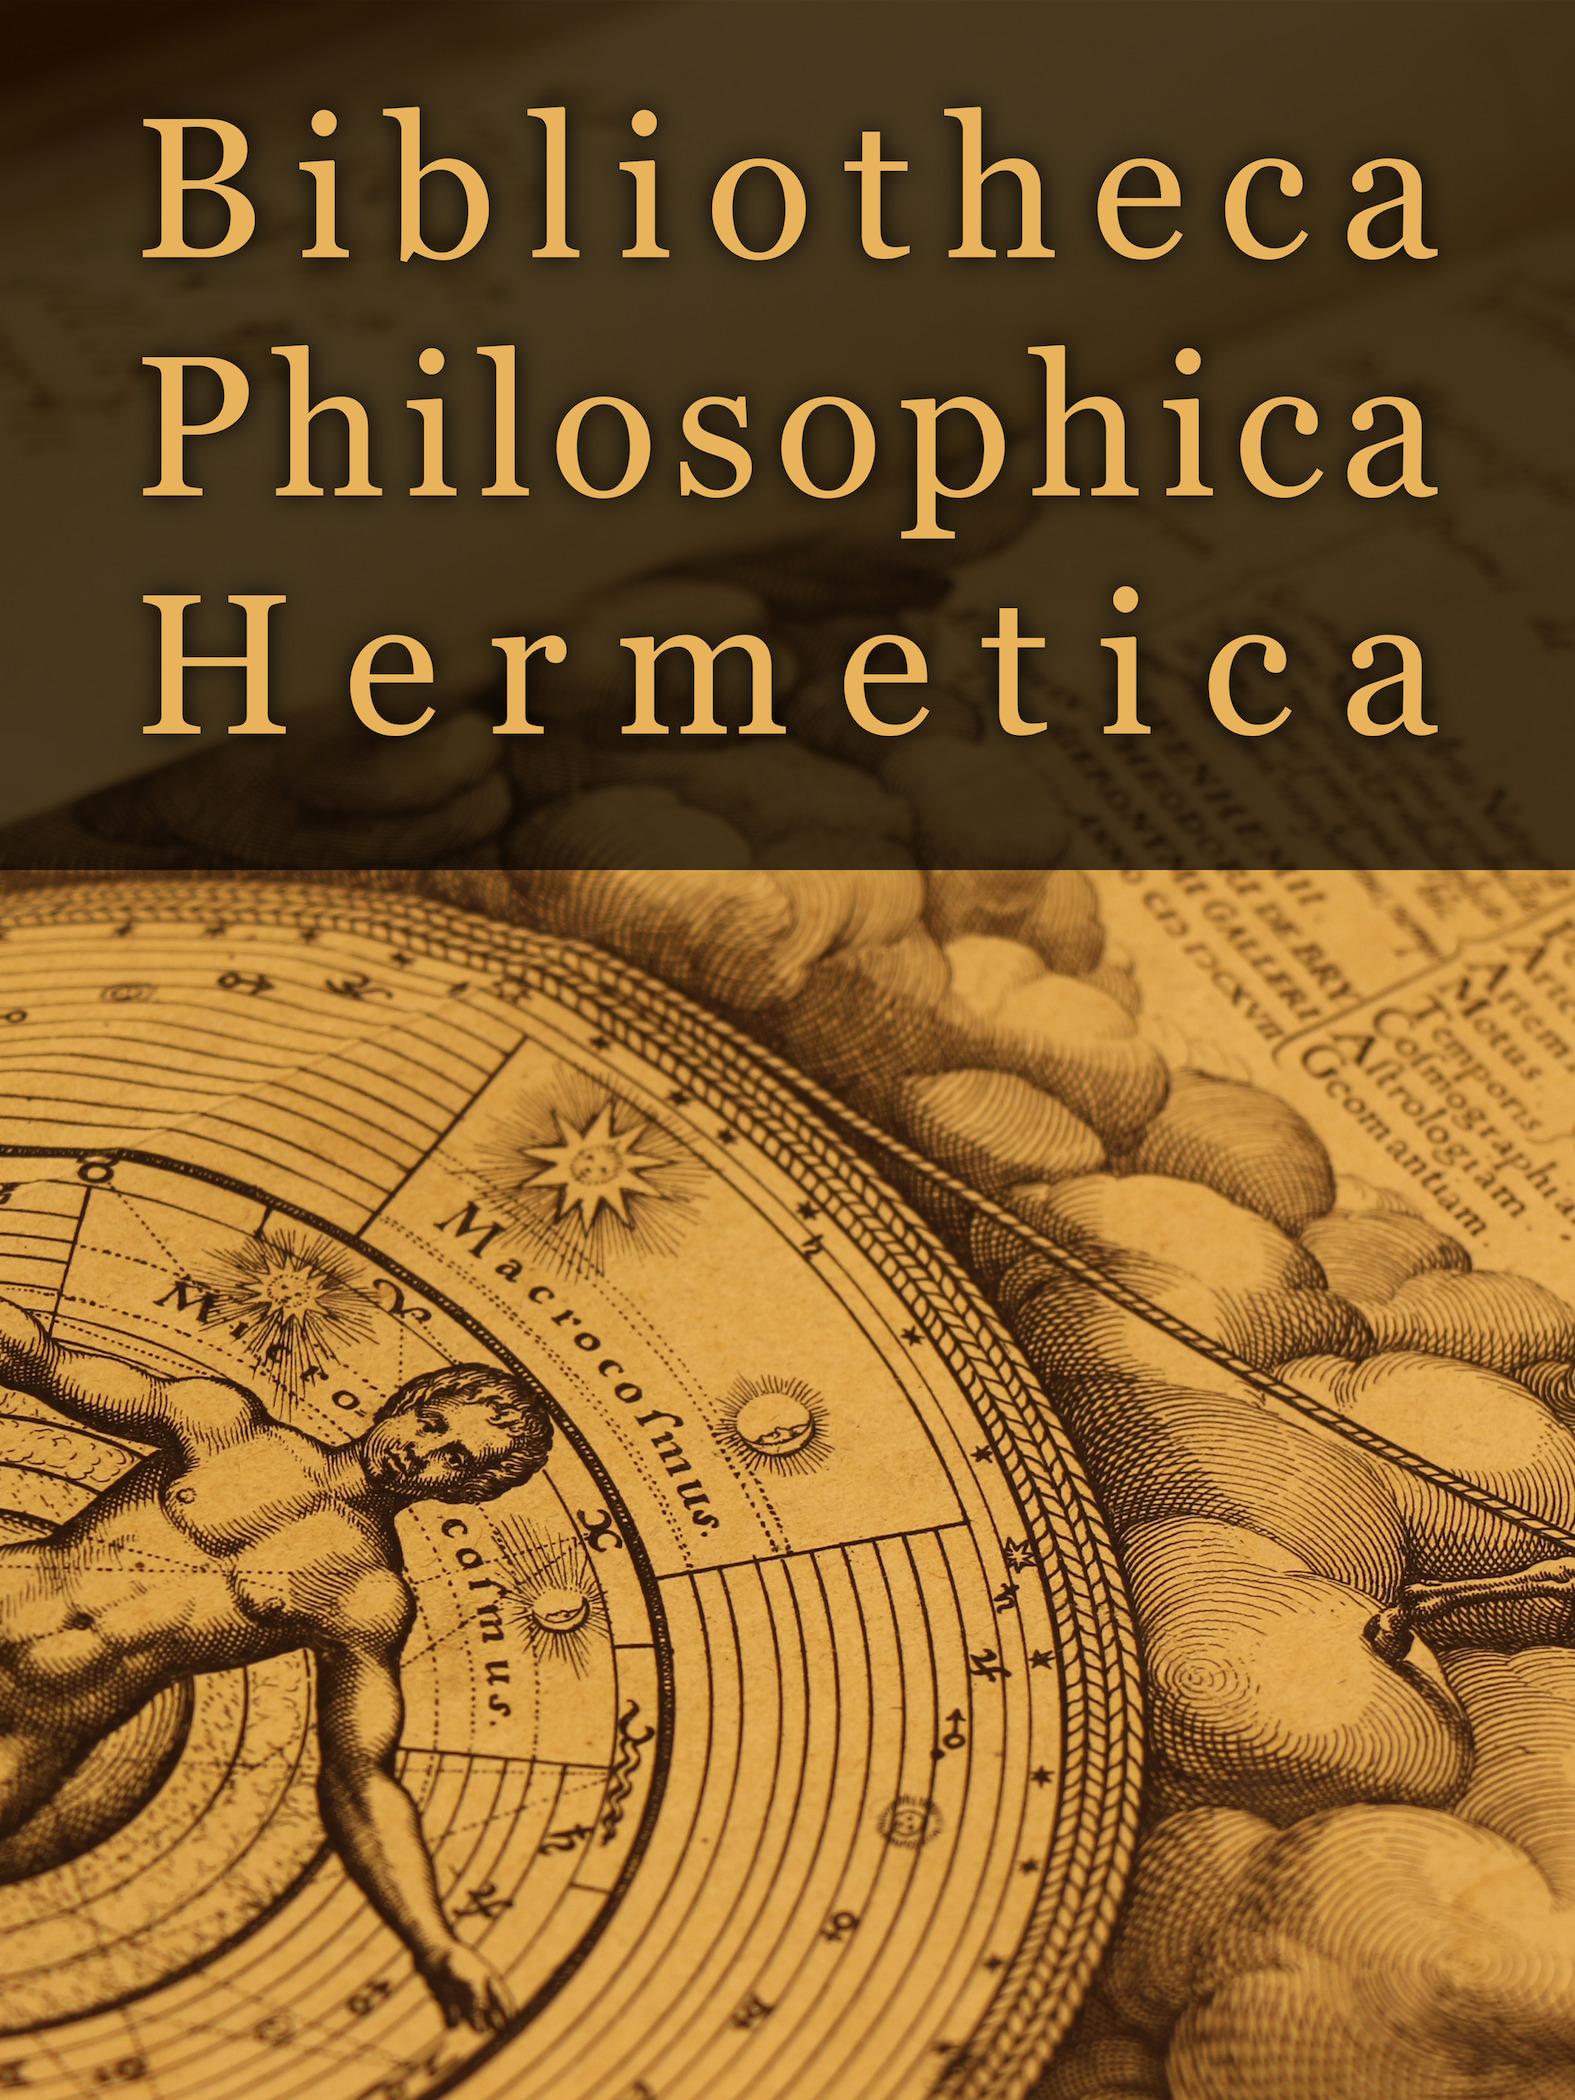 Bibliotheca Philosophica Hermetica